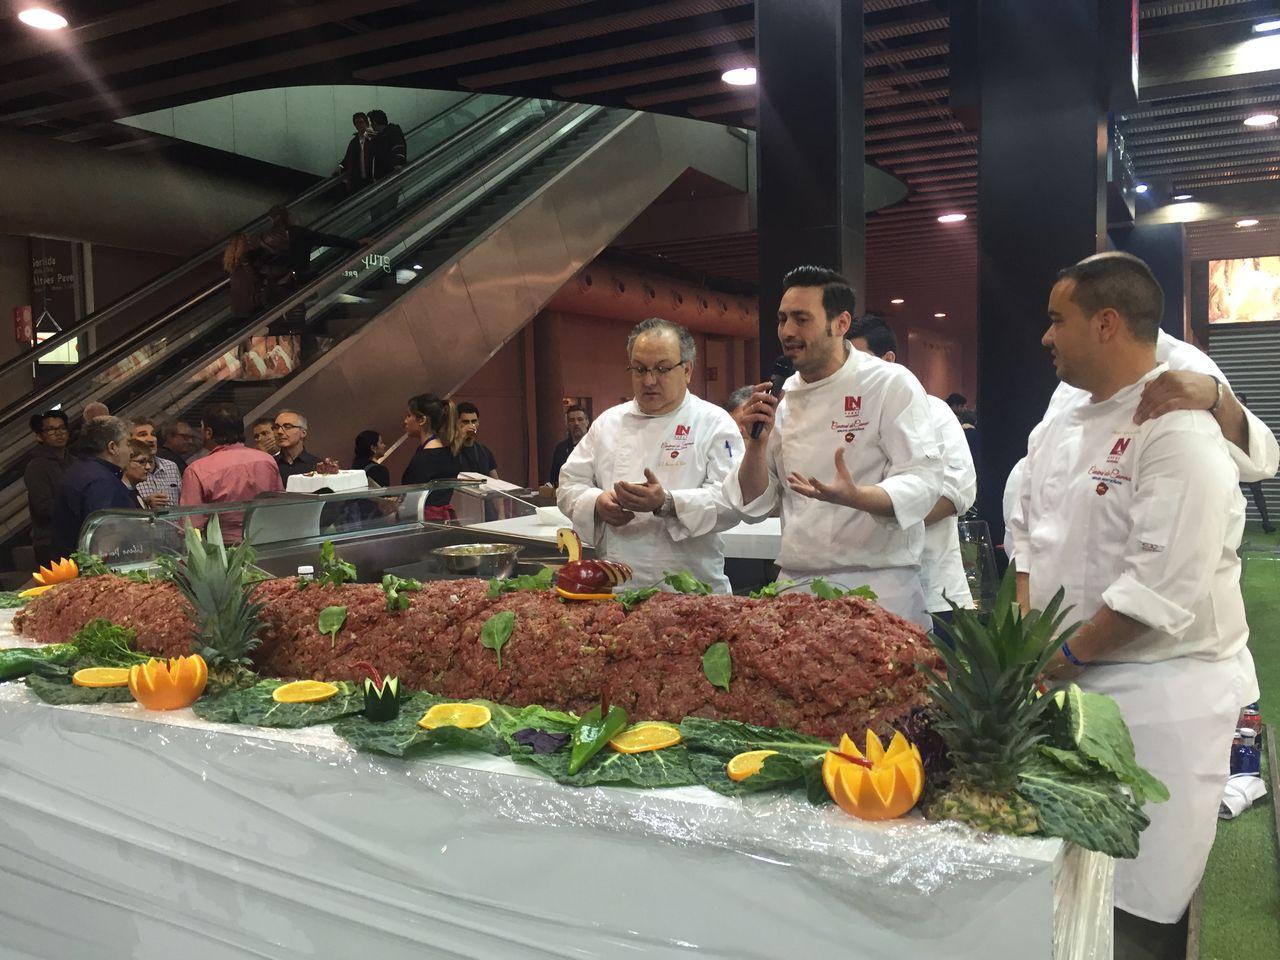 Feria Alimentaria - Steak Tartar